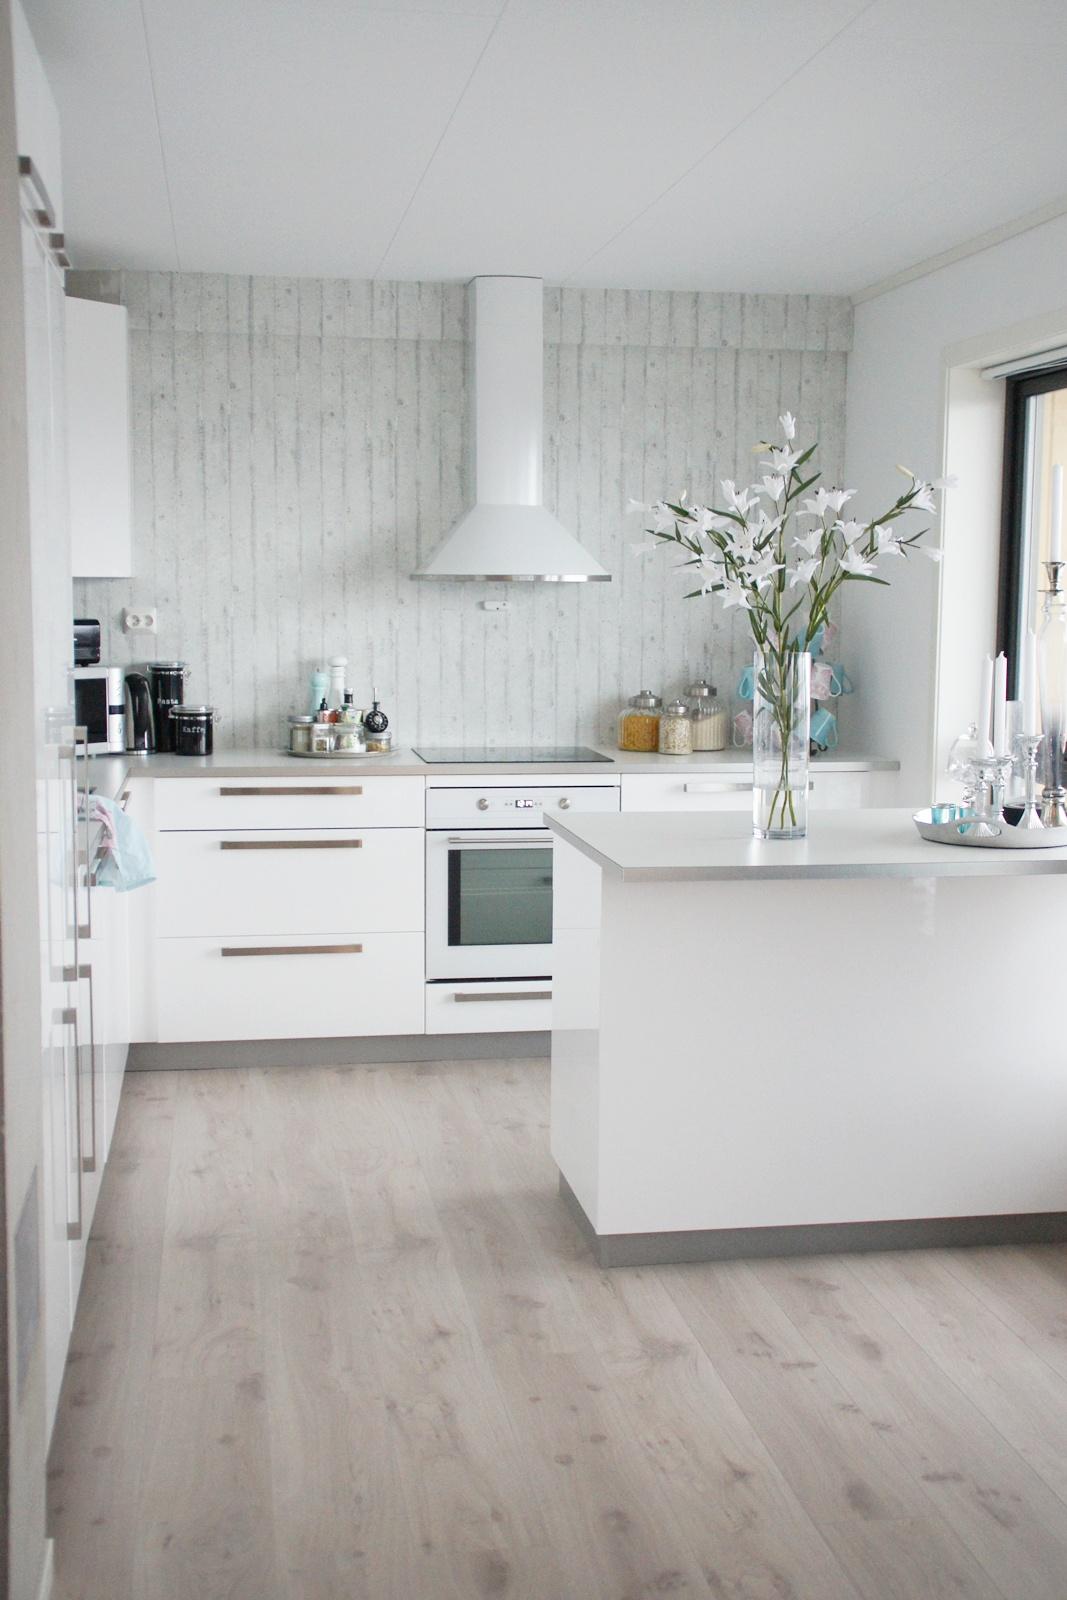 1000+ images about Idées cuisine on Pinterest